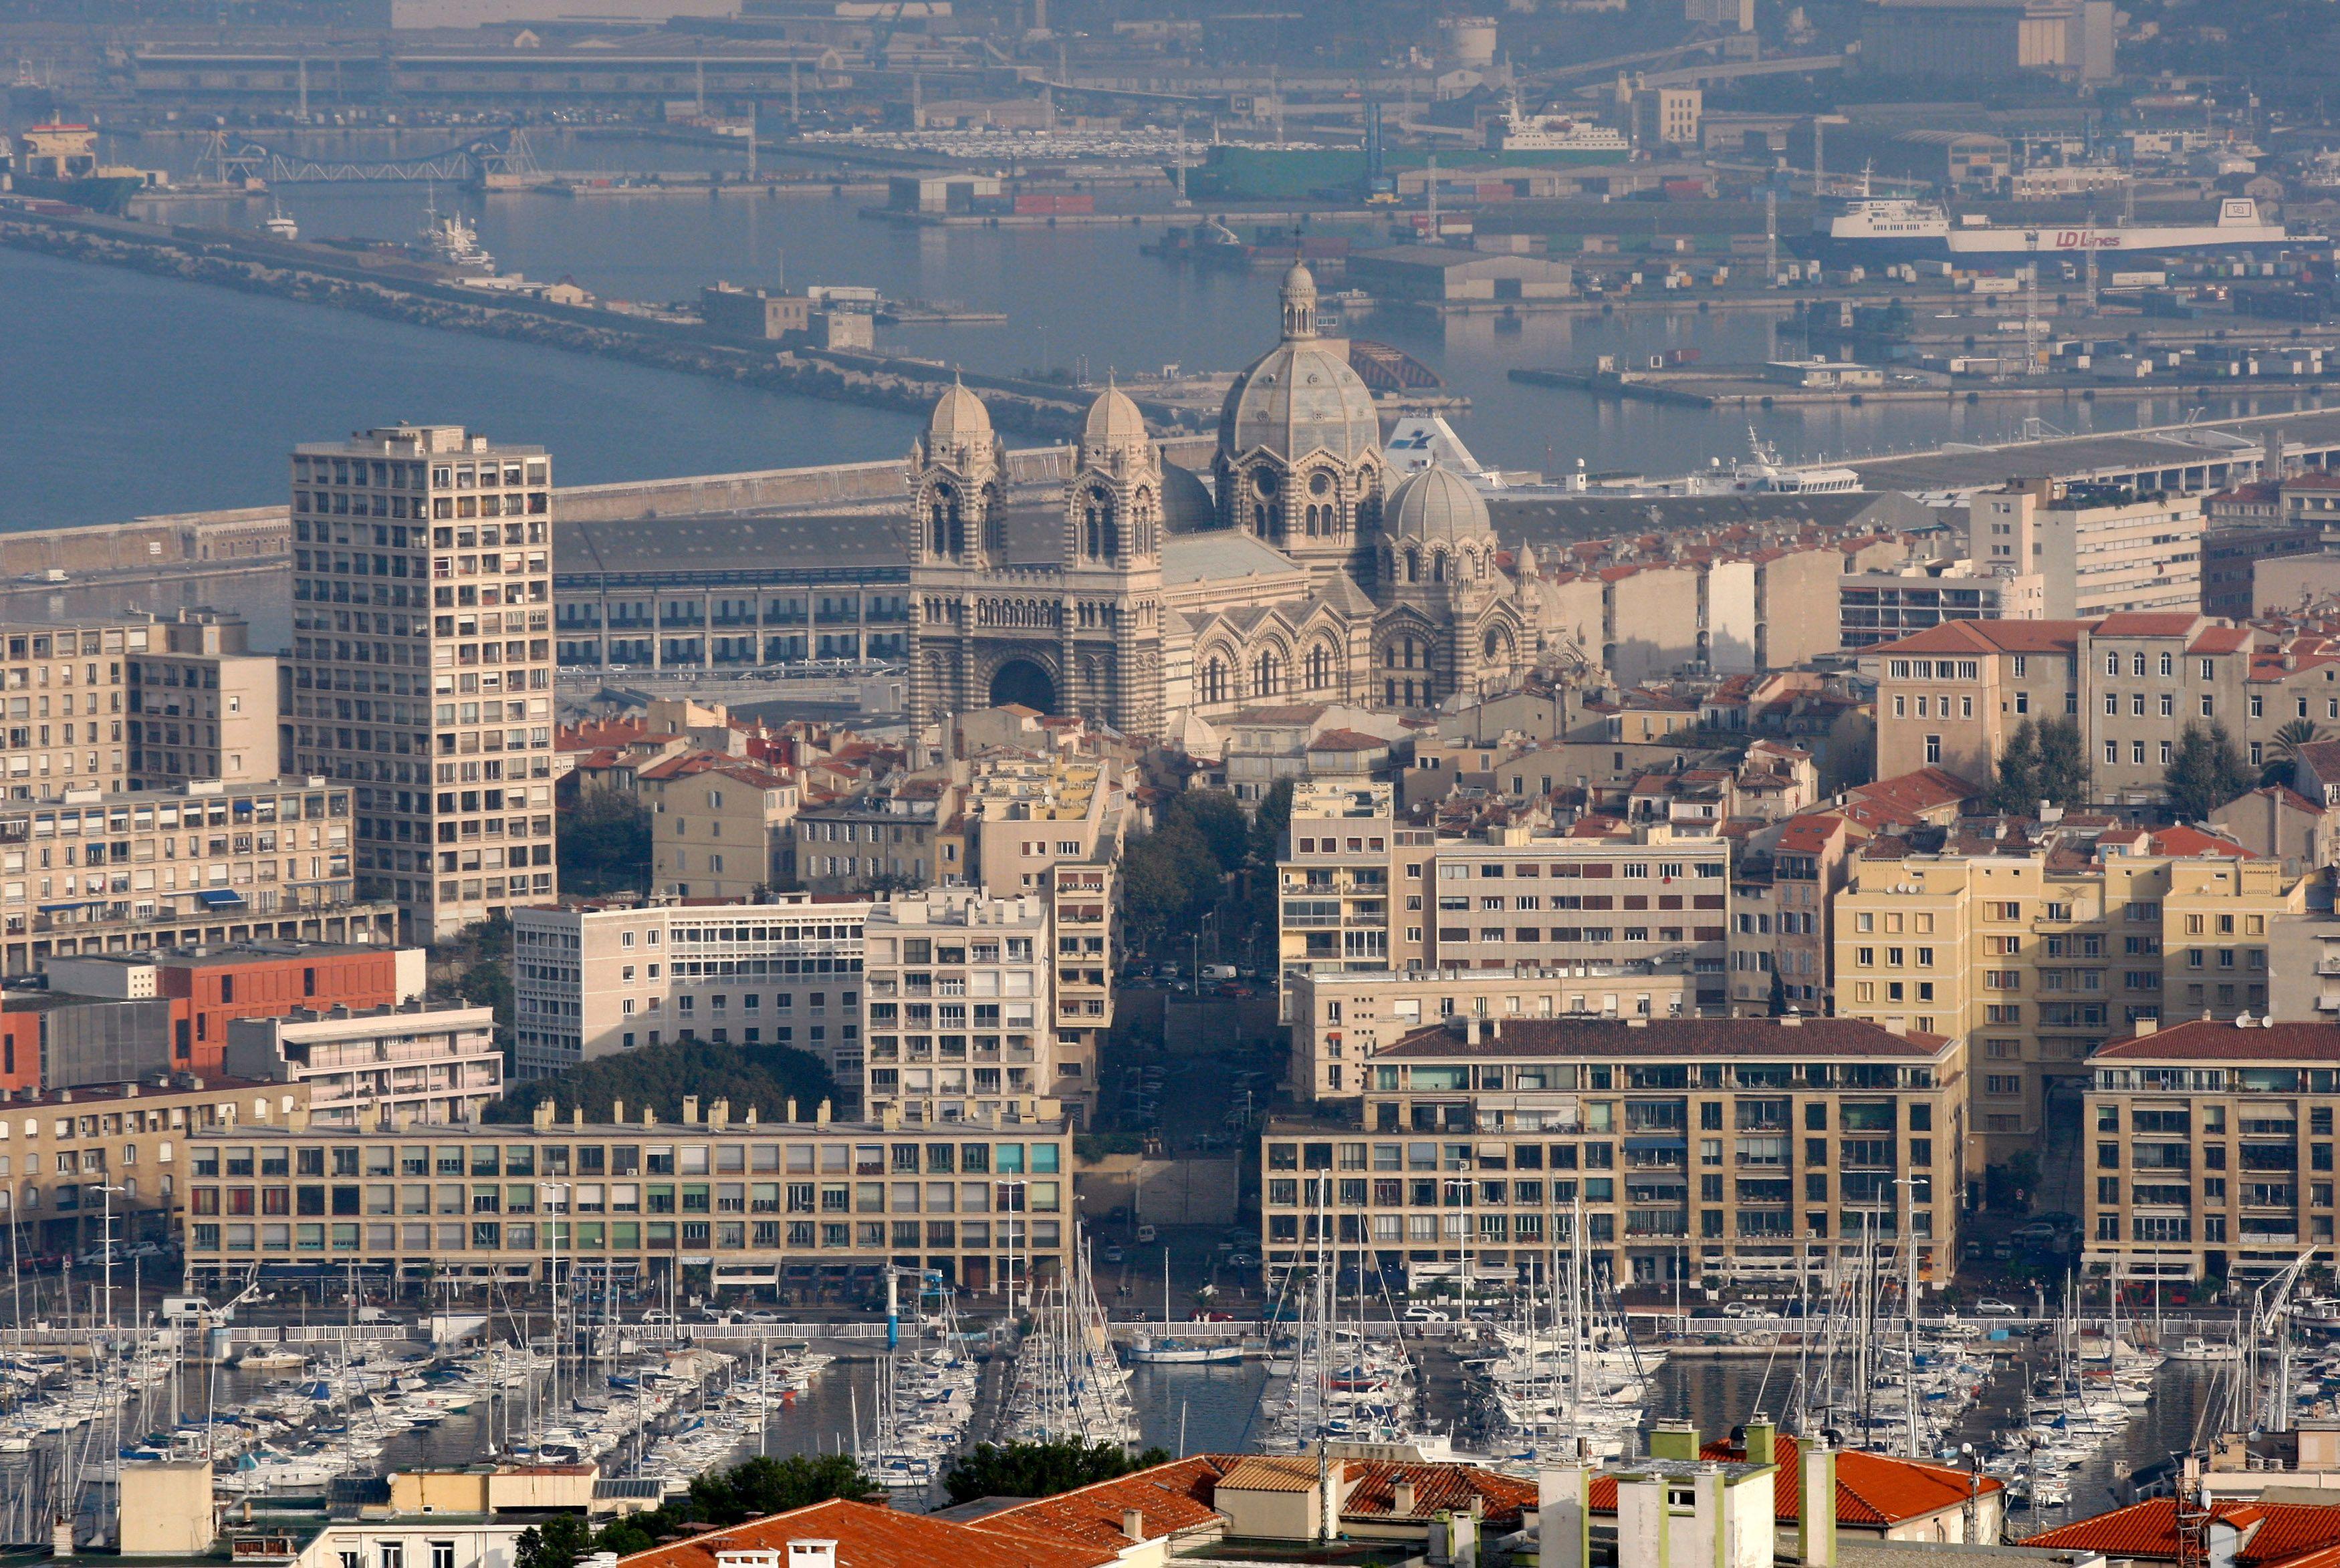 Dimanche matin, un homme a été tué par balles dans une cité des quartiers Nord de Marseille.